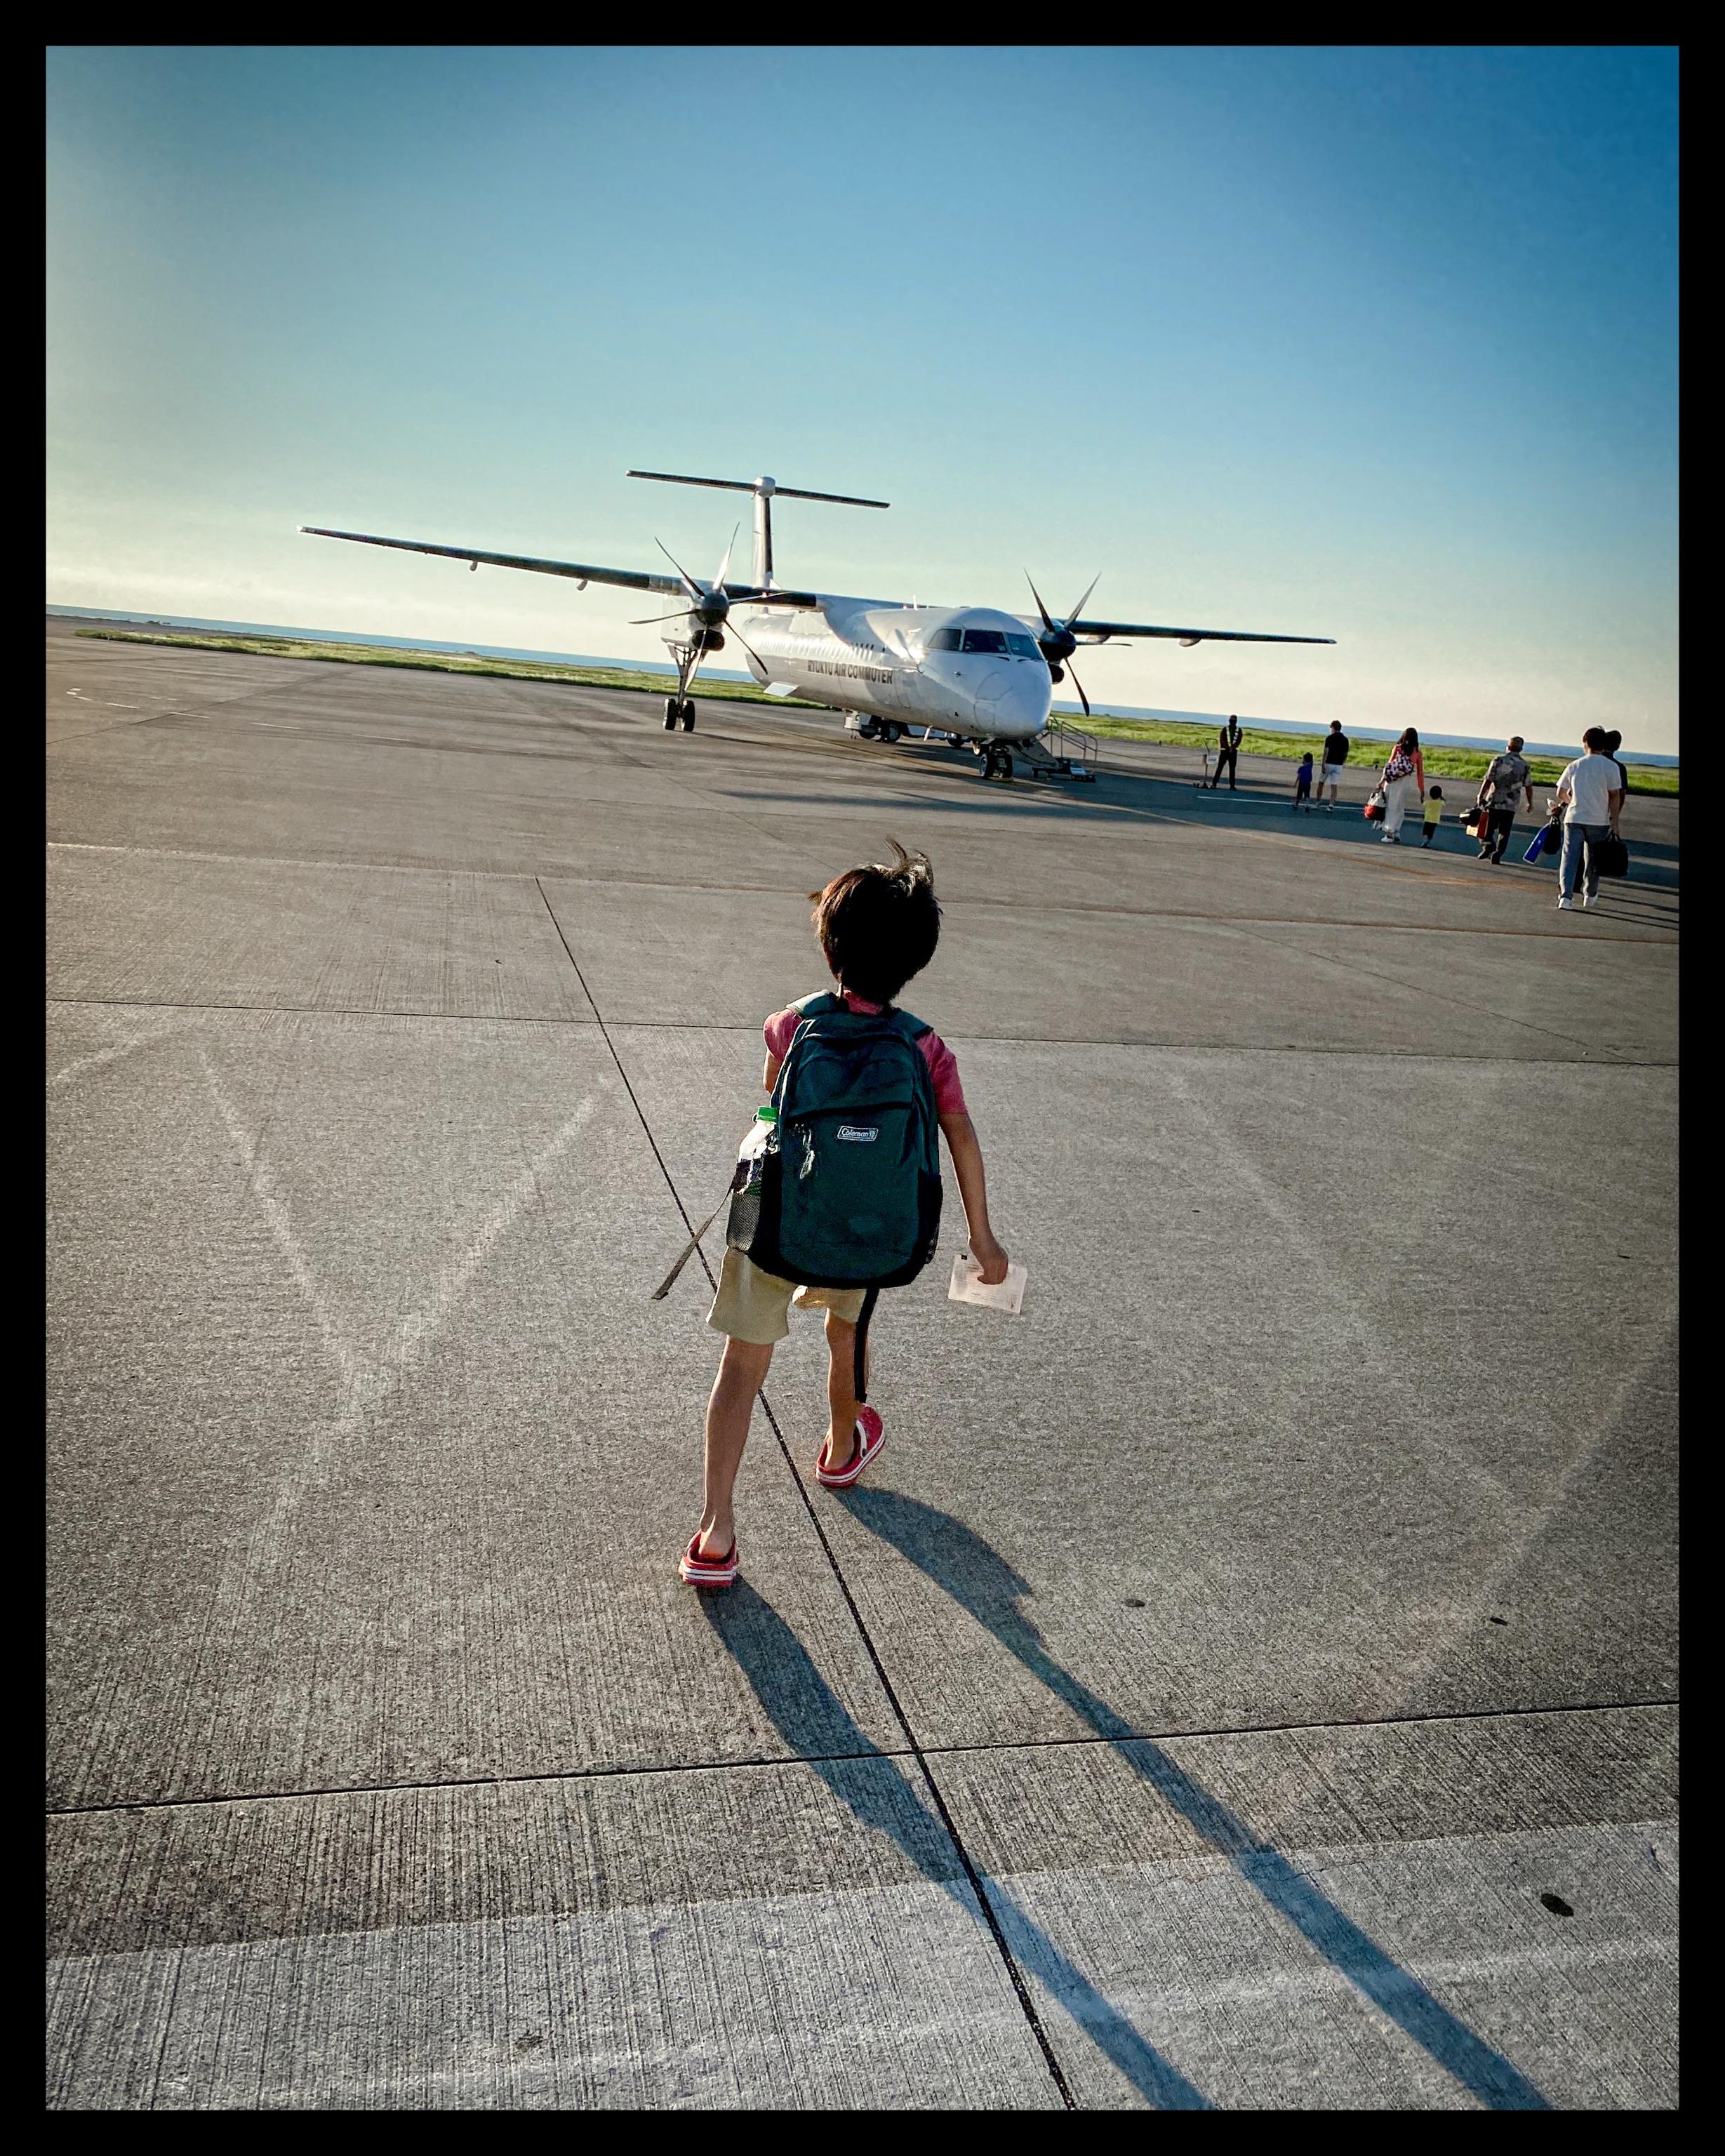 f:id:jette_photo-club:20210907182740j:image